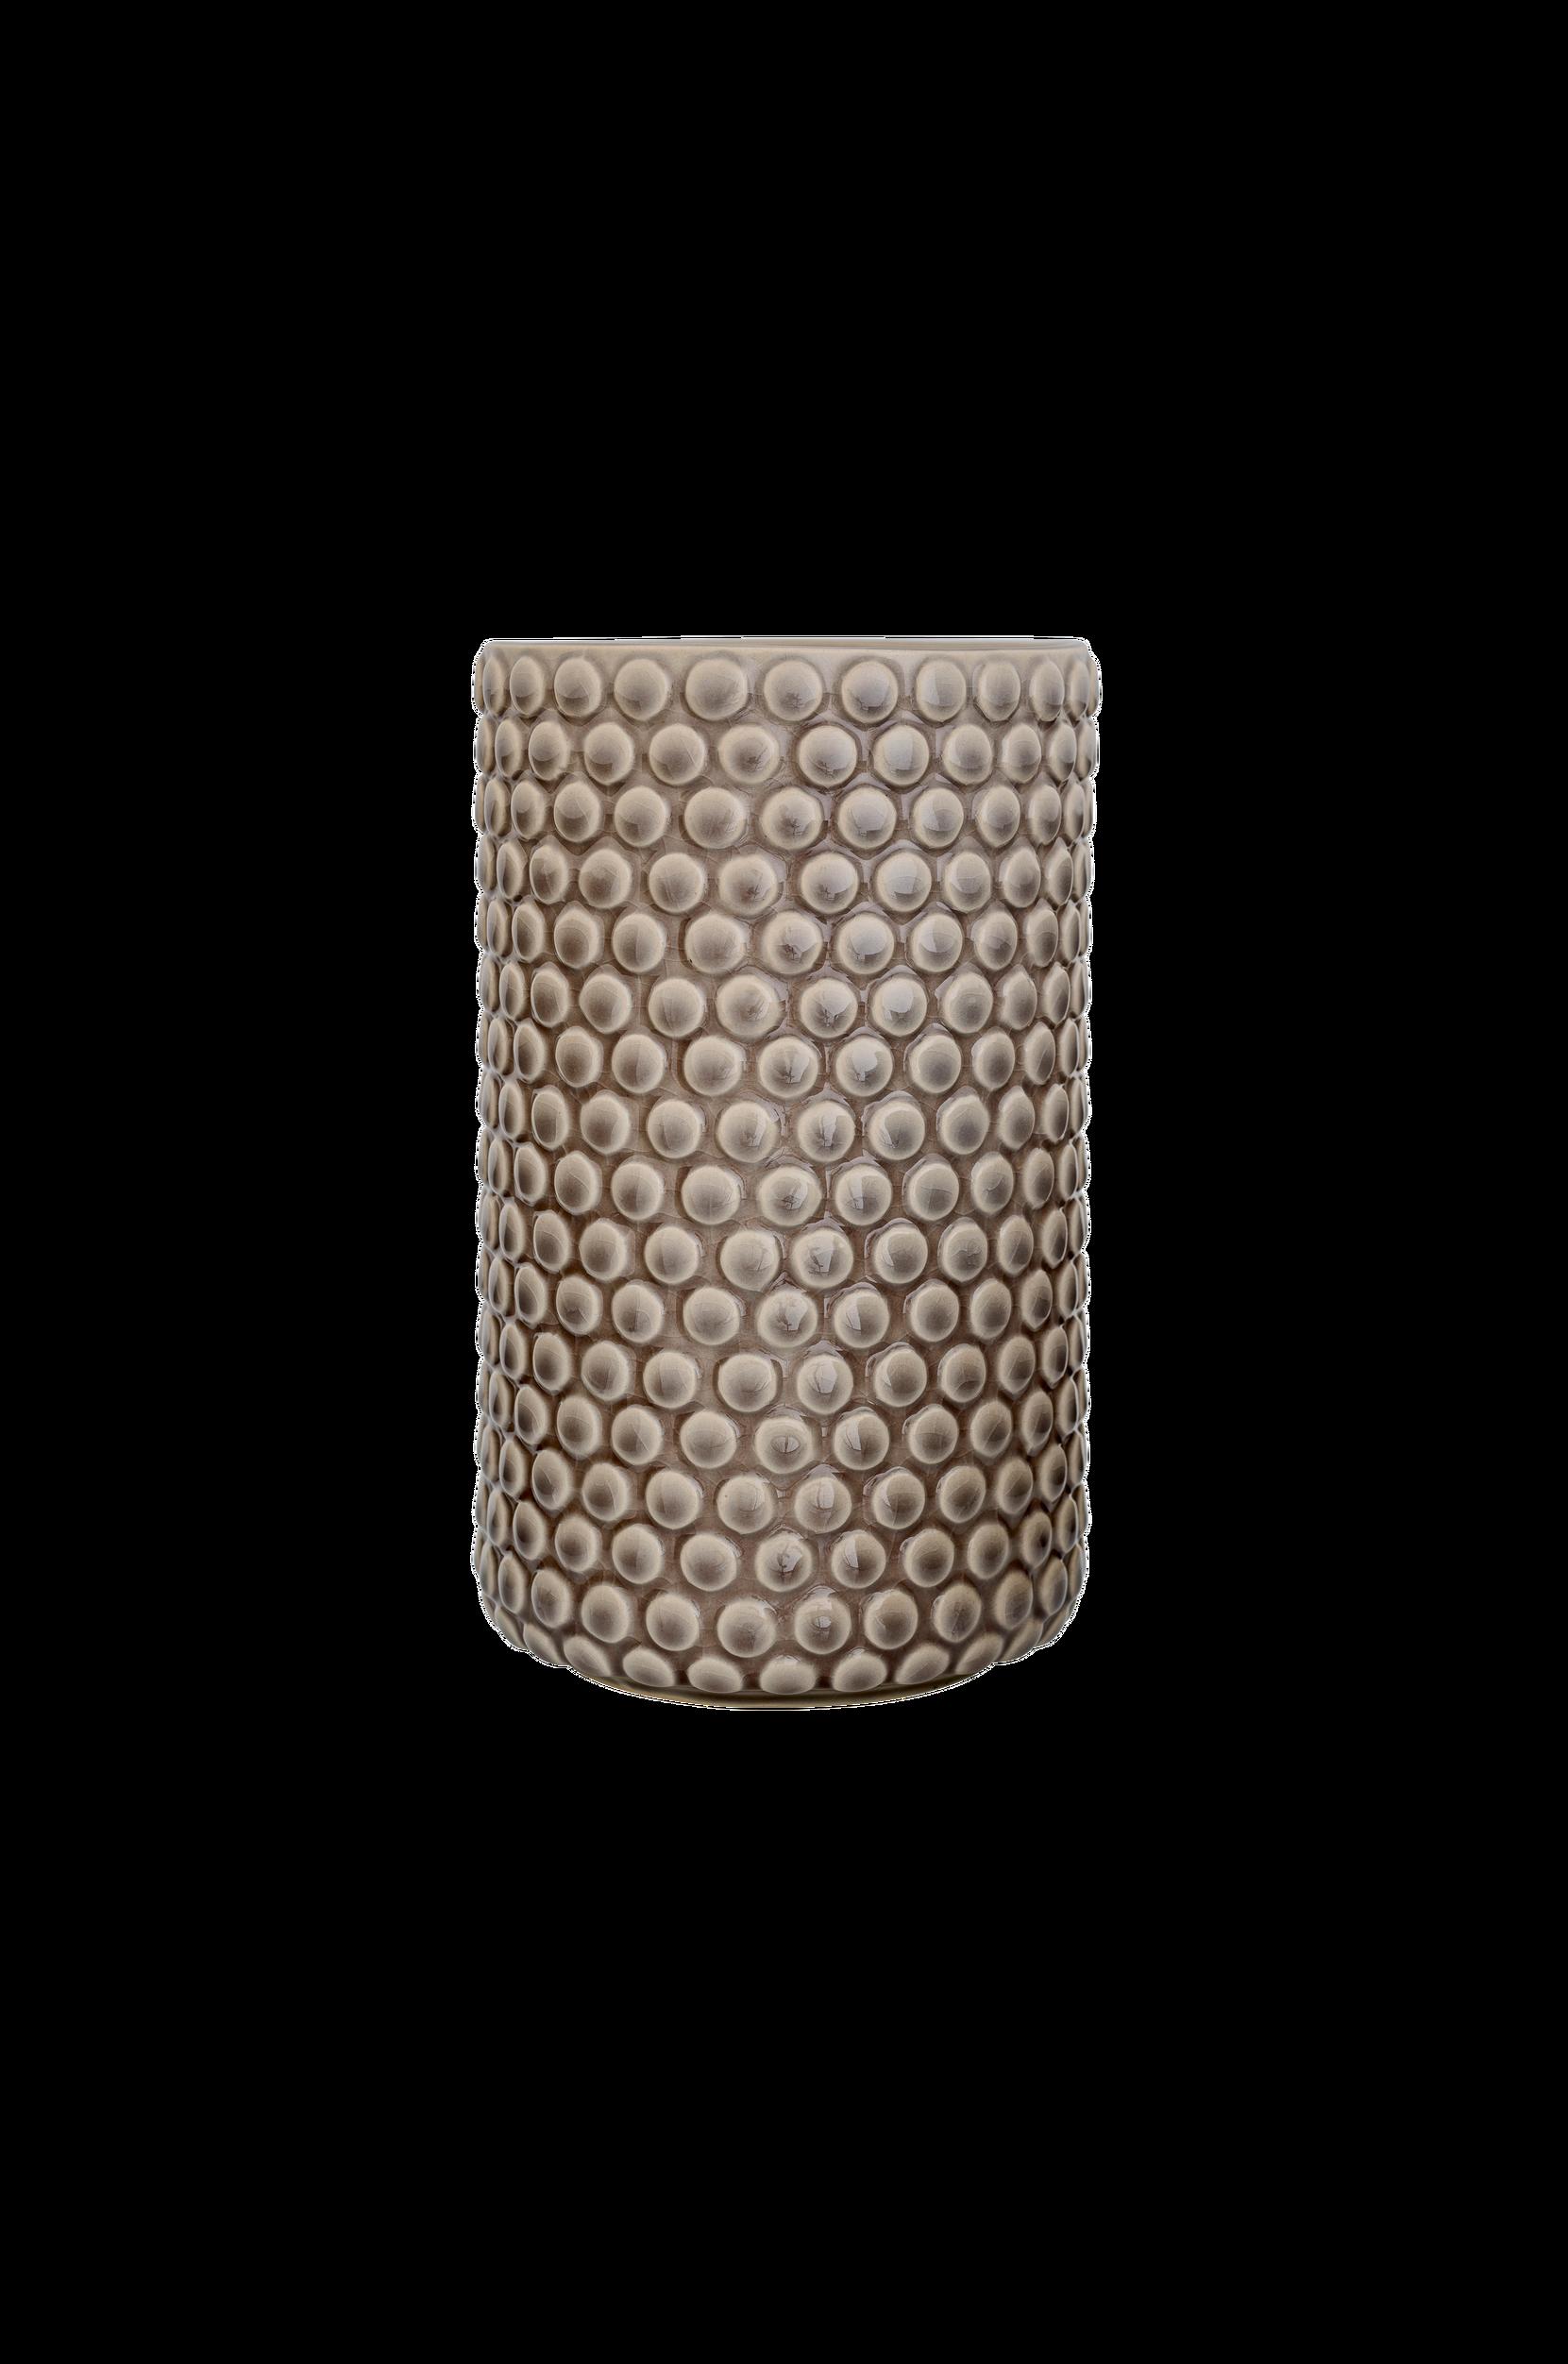 Vase Bubbel Bloomingville Potteskjulere & vaser til Boligen i Beige